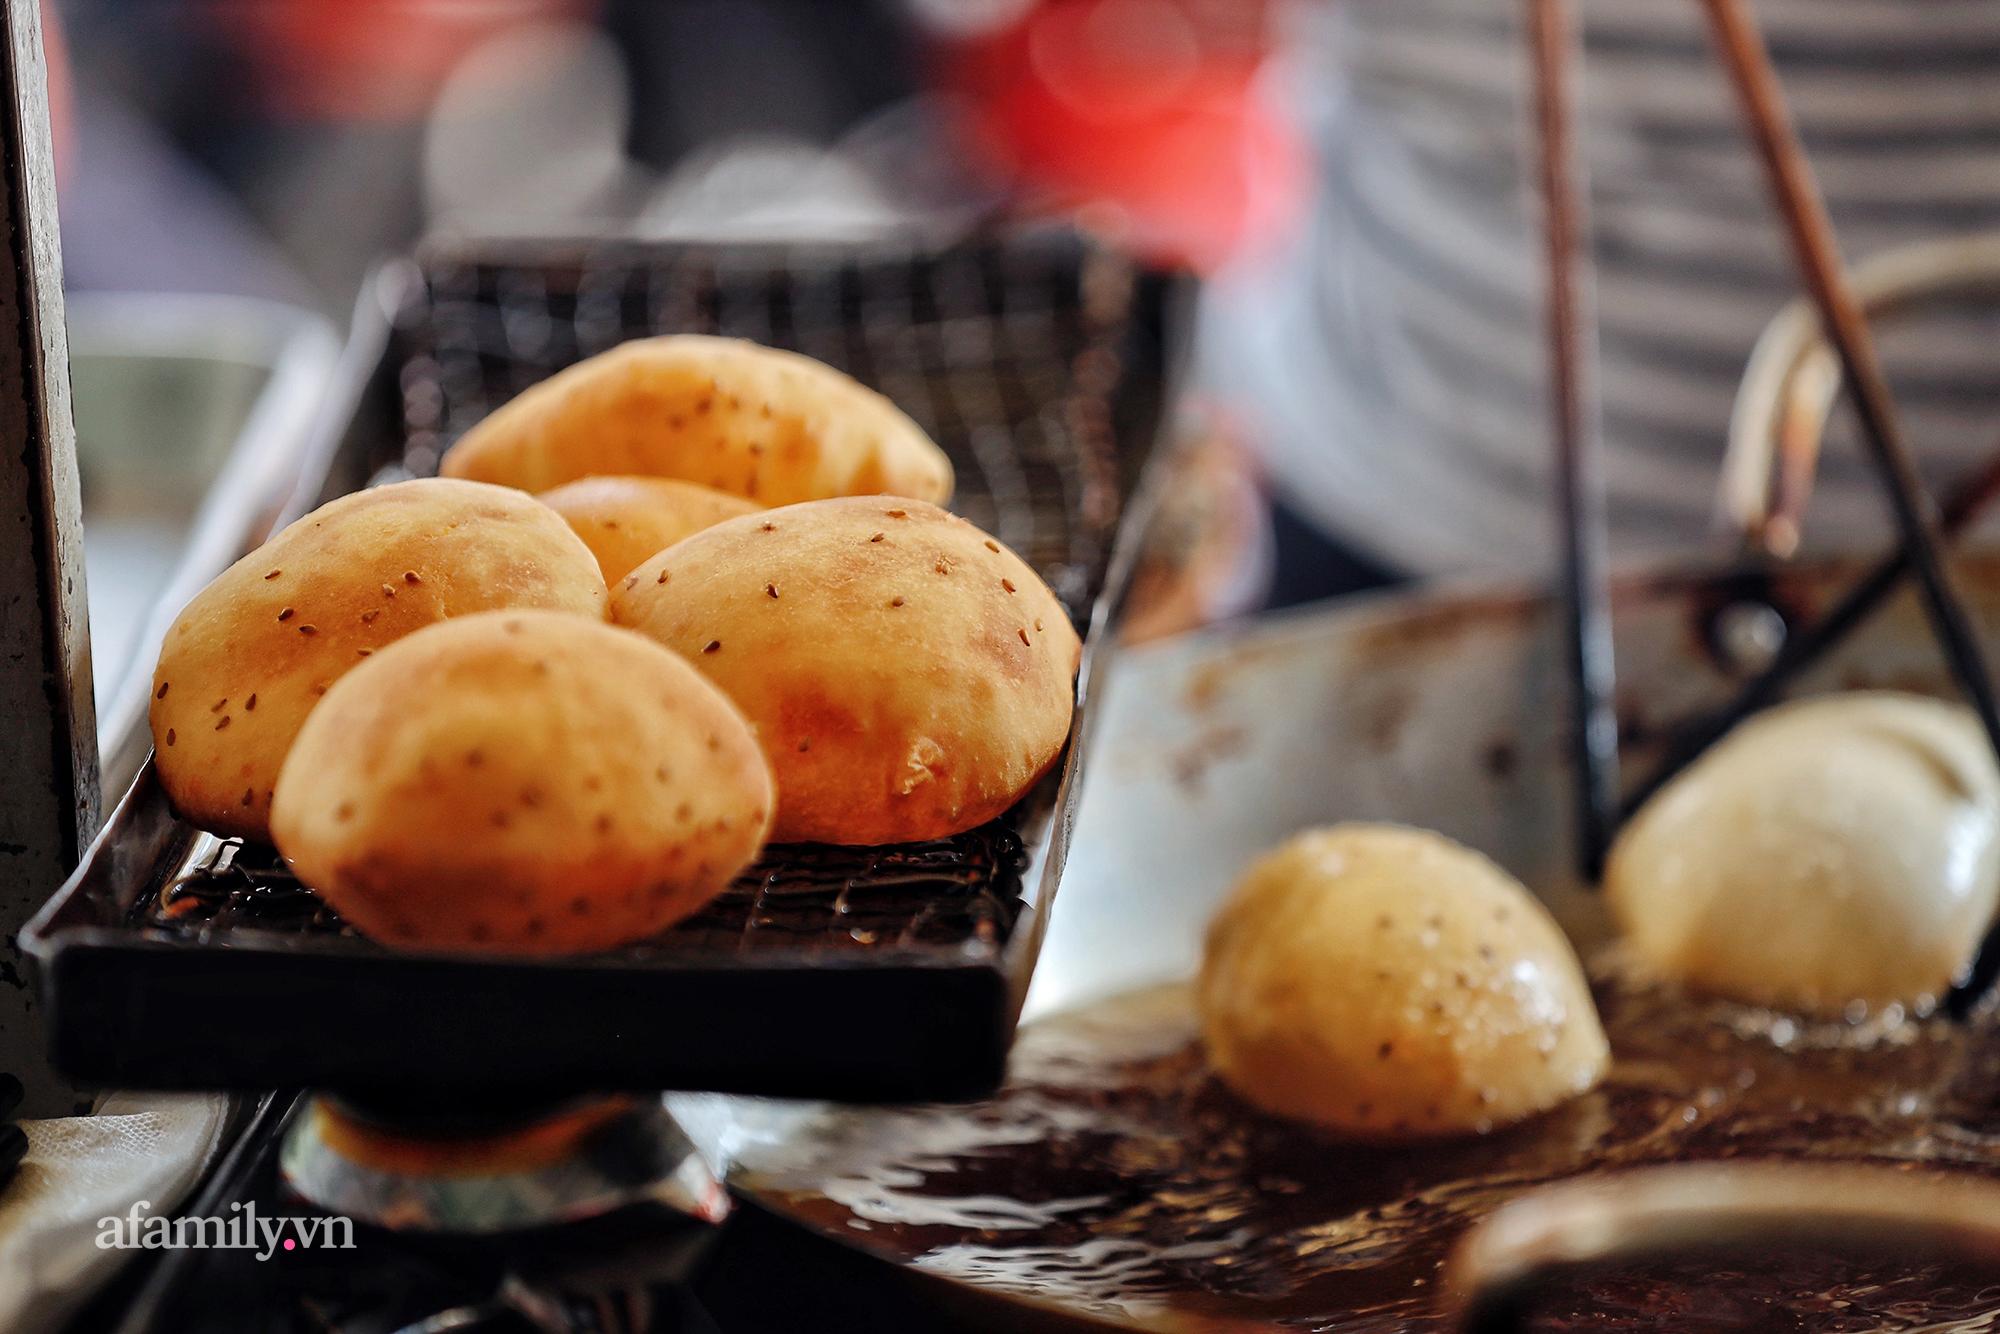 """Hàng bánh tiêu """"CHẢNH"""" nhất Việt Nam - """"mua được hay không là do nhân phẩm"""", dù chưa kịp mở cửa đã chính thức hết bánh khiến cả Vũng Tàu tới Sài Gòn phải xôn xao! - Ảnh 11."""